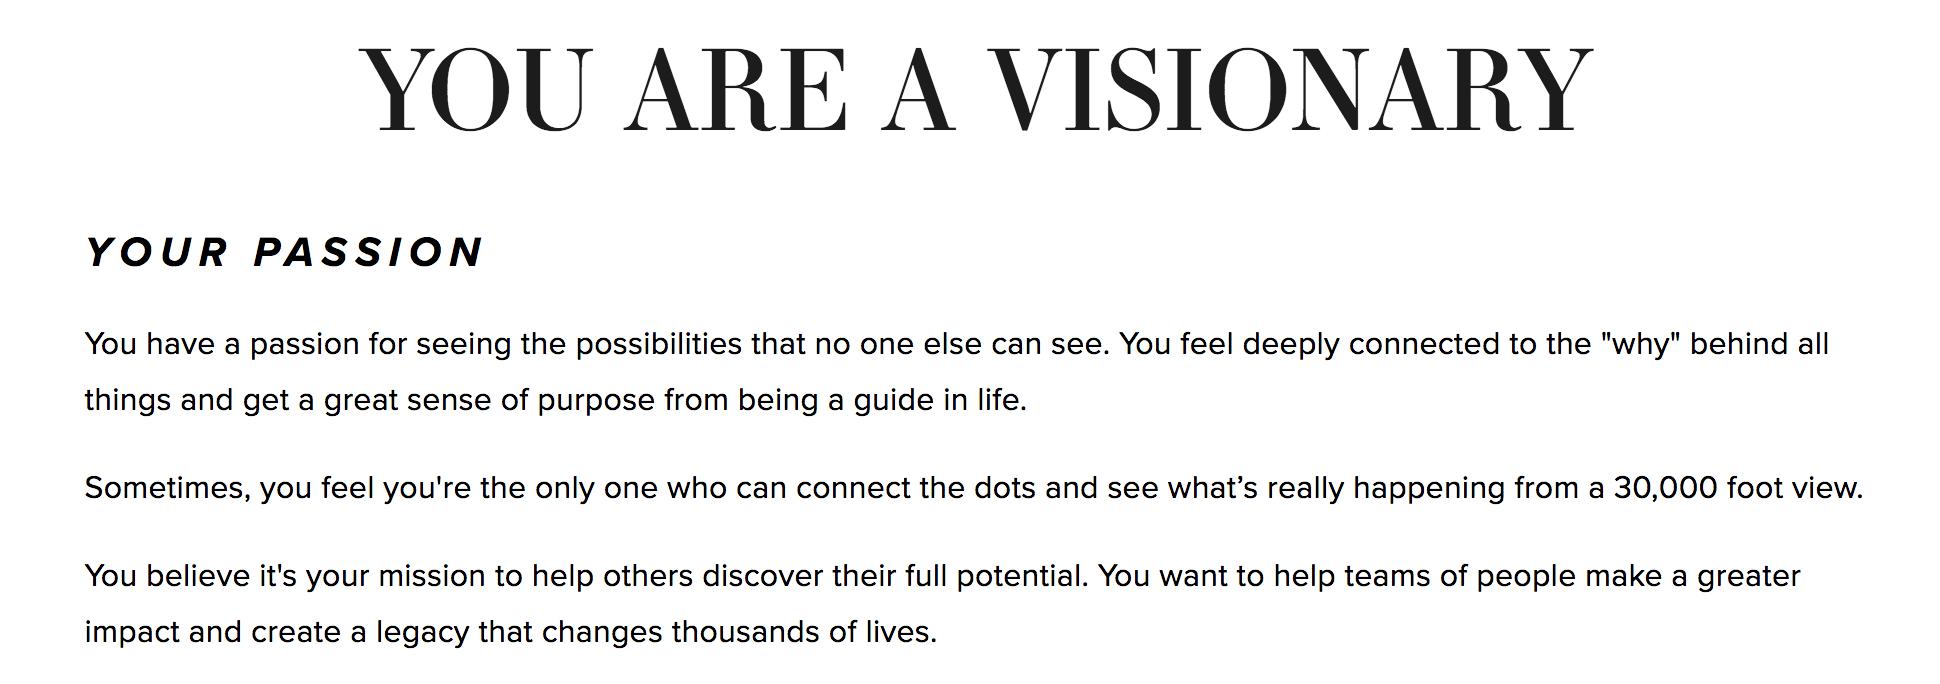 description of visionary quiz results